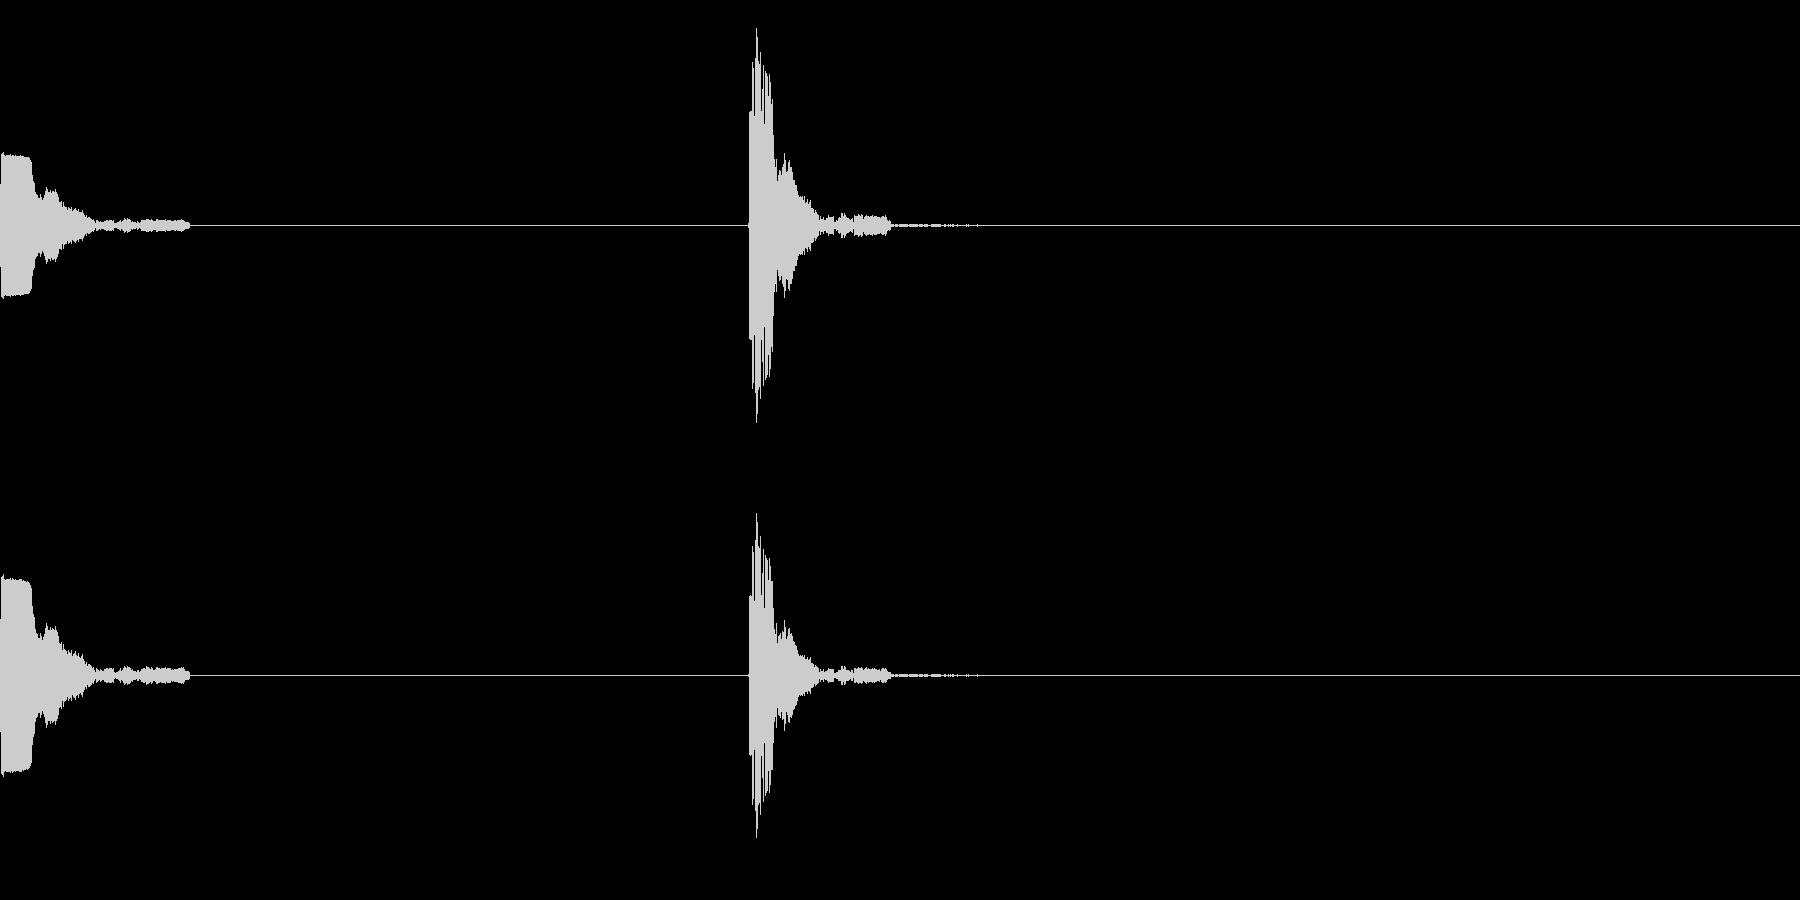 ポッチ(ボタンを押す音)の未再生の波形